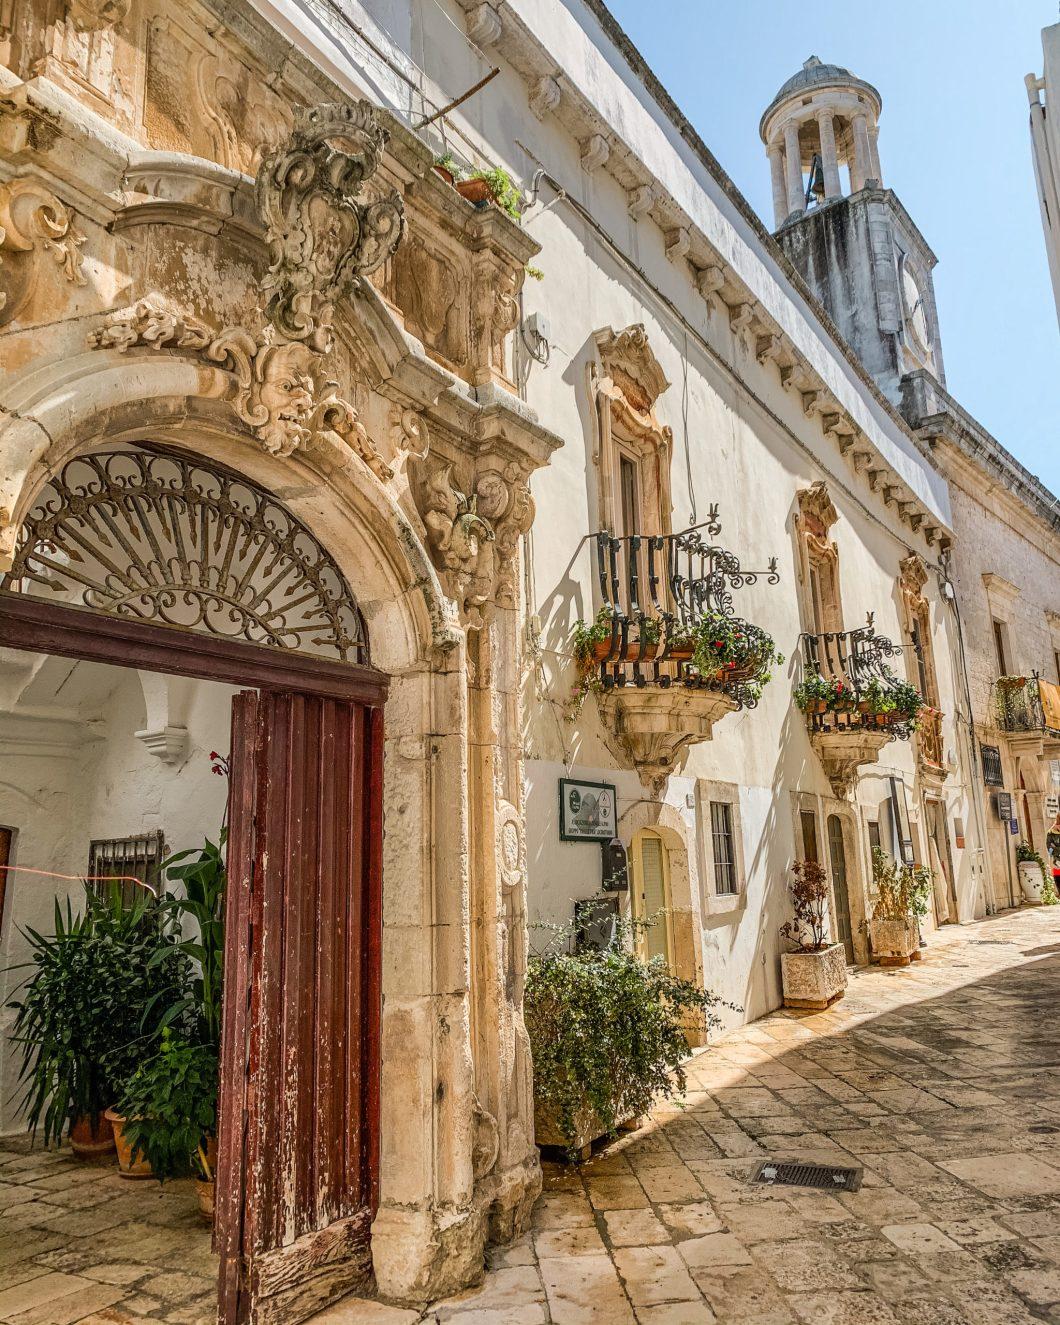 Carved balconies in the historic center in Locorotondo - Puglia